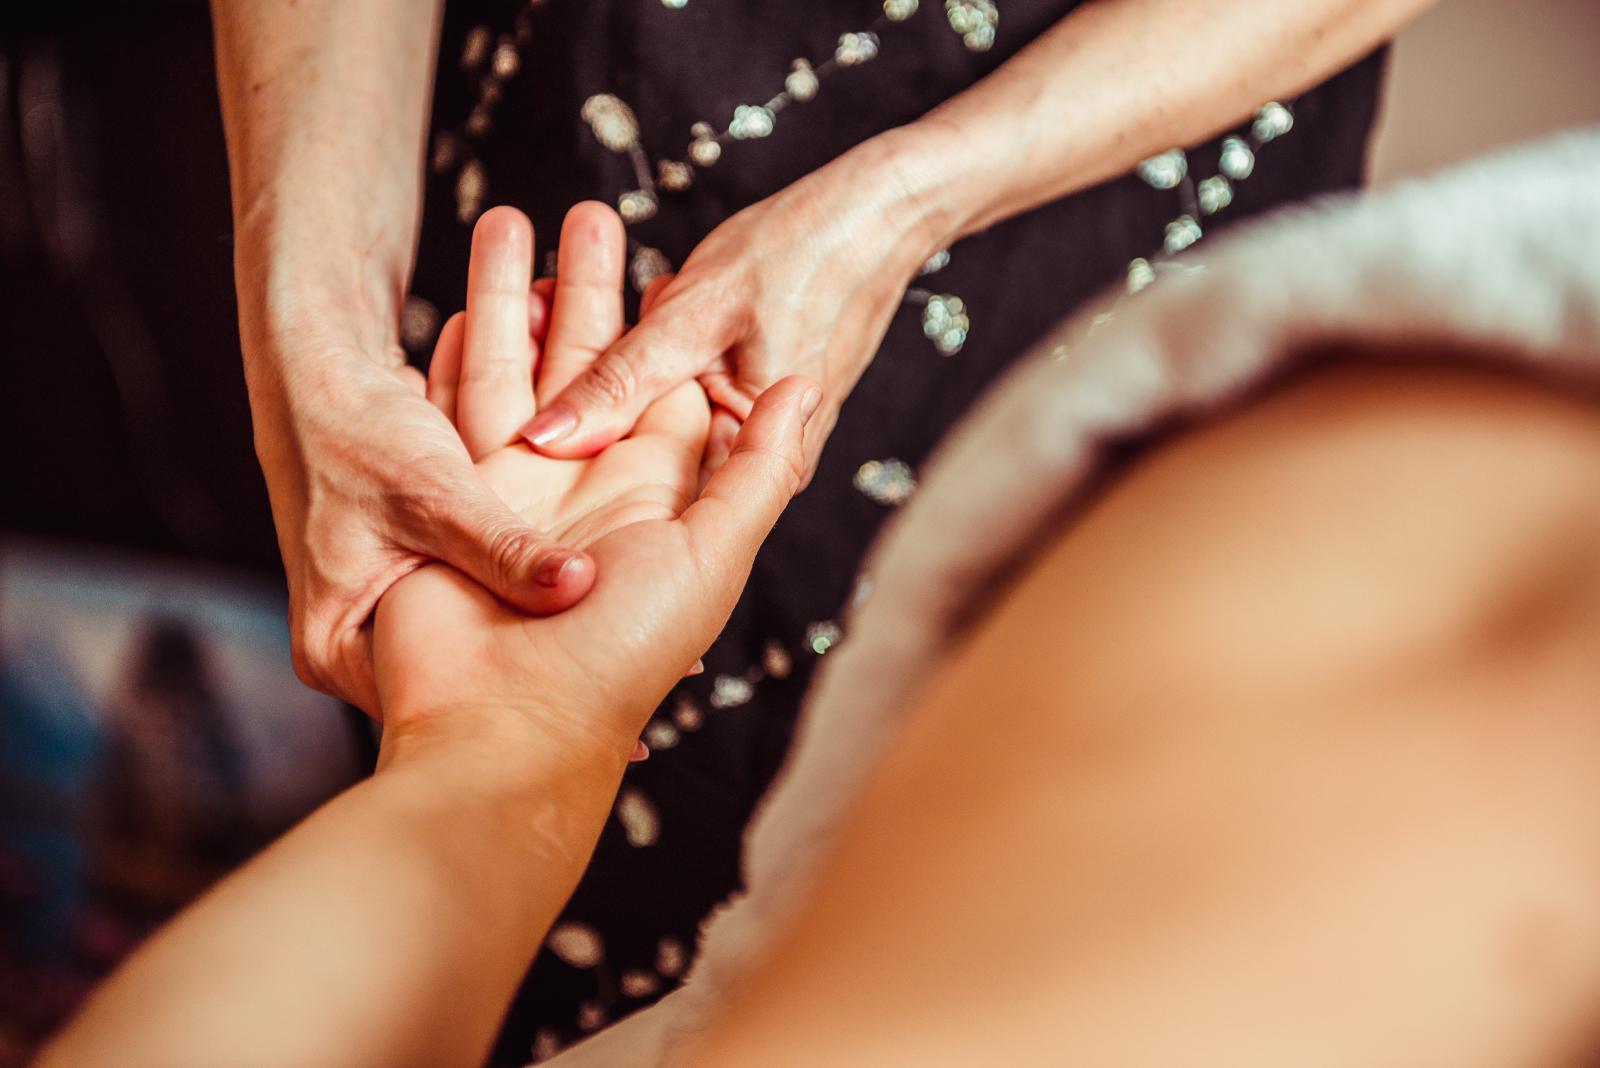 Reumatoidni artritis češći je kod žena nego kod muškaraca, a najčešće se razvija u dobi od 30 do 60 godina.